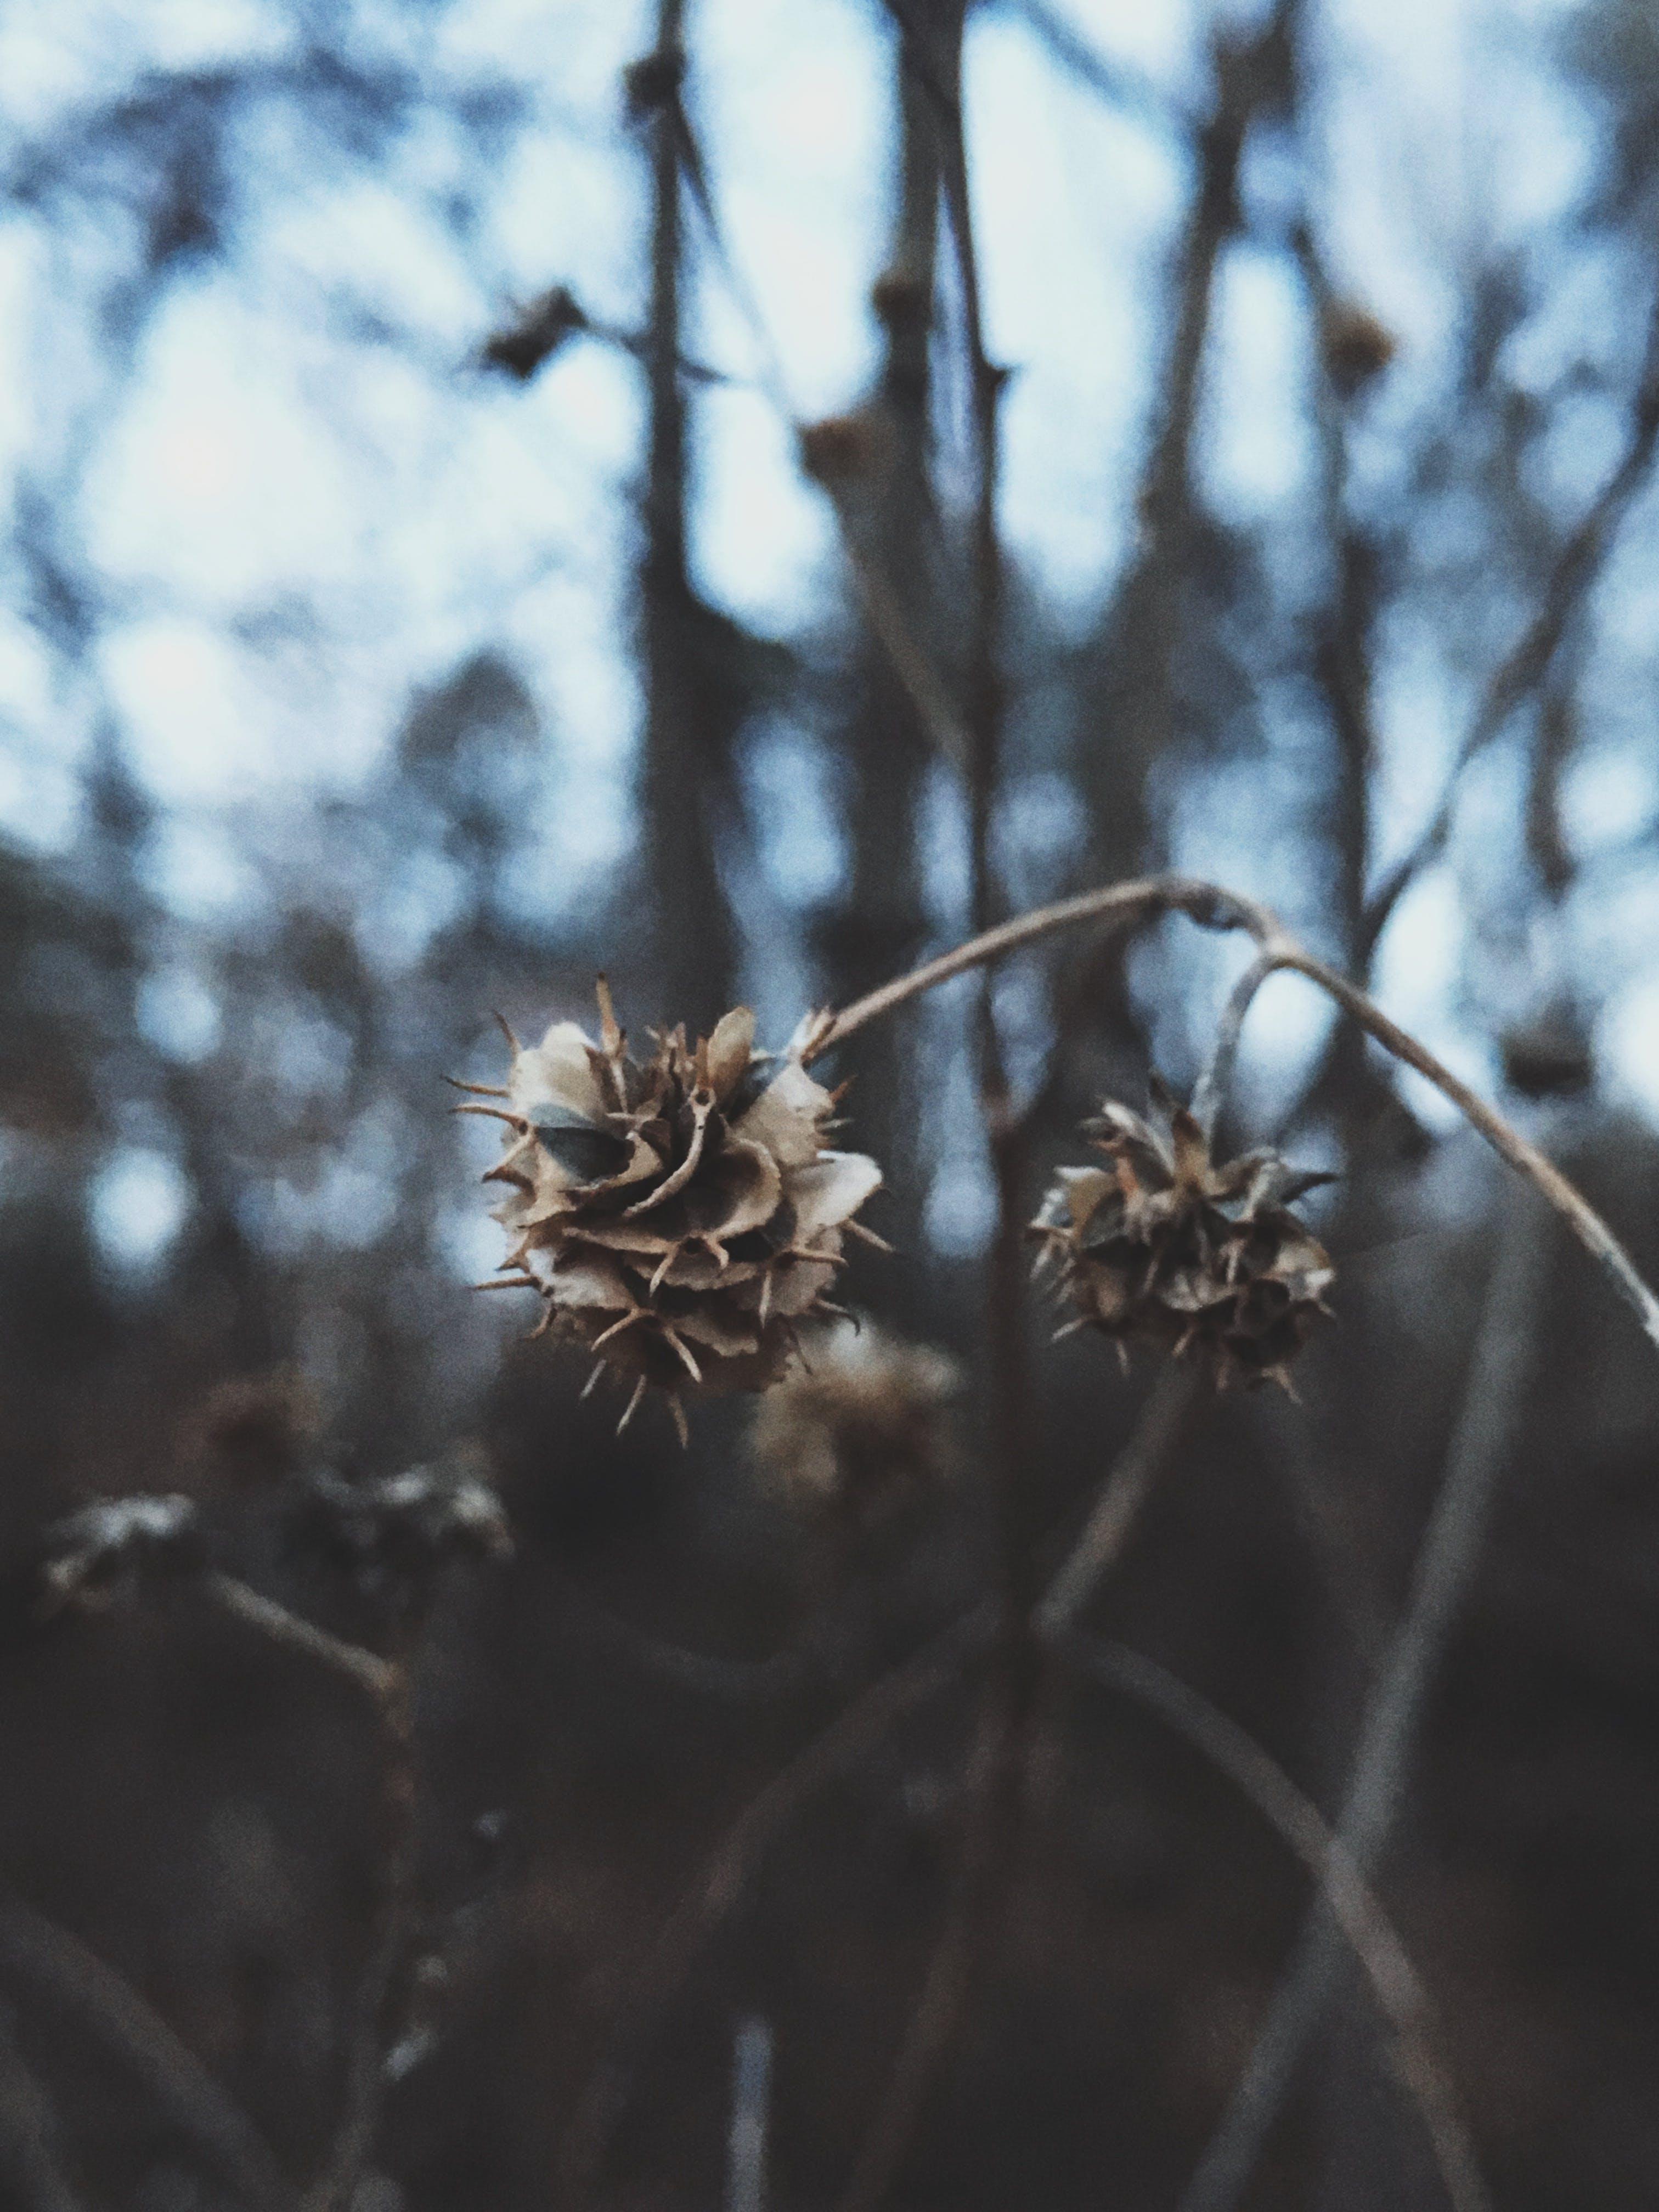 가지, 건조한, 경치, 꽃의 무료 스톡 사진